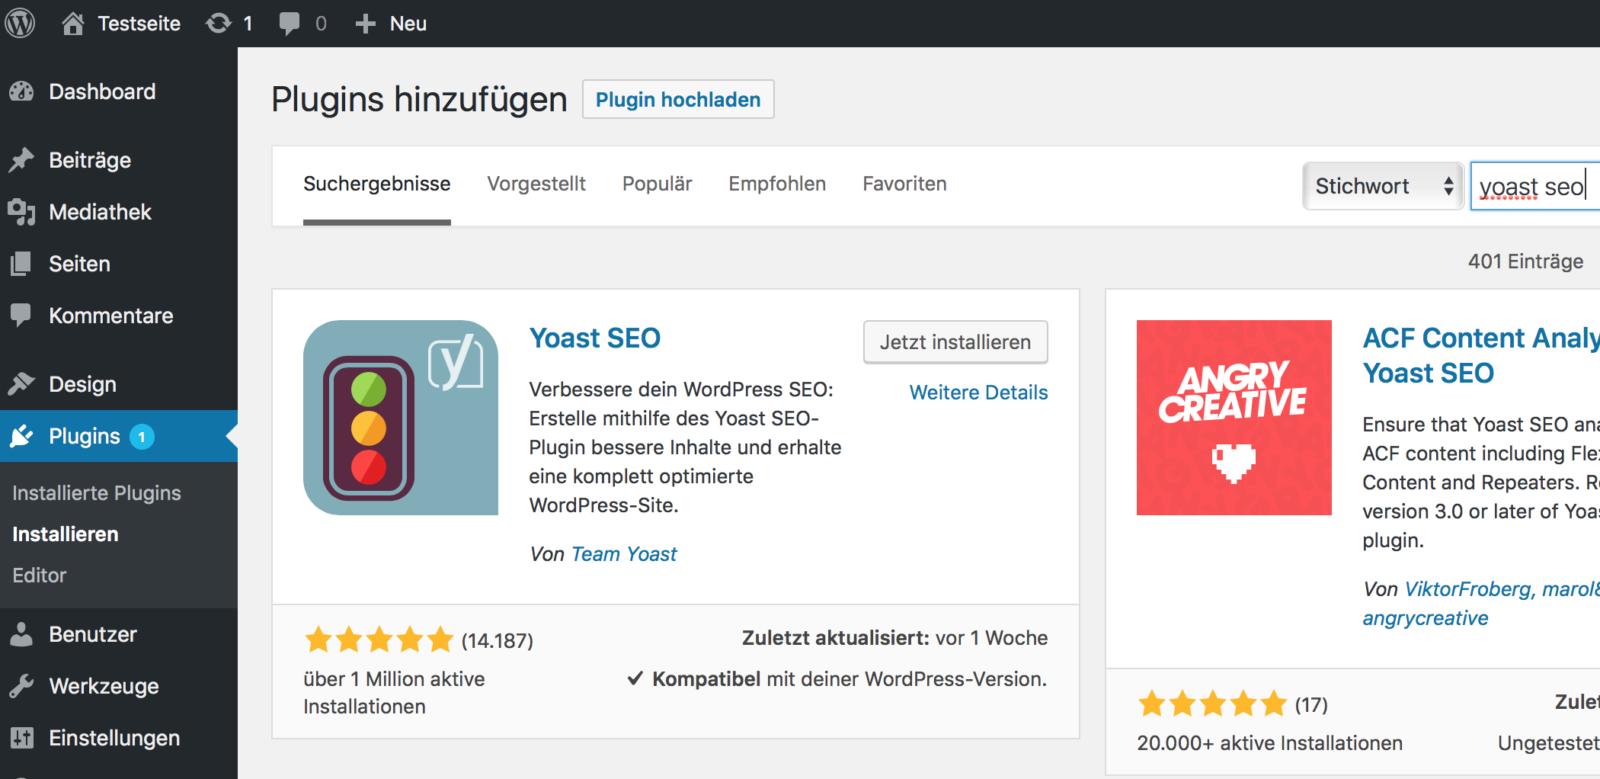 WordPress richtig nutzen und Yoast SEO installieren